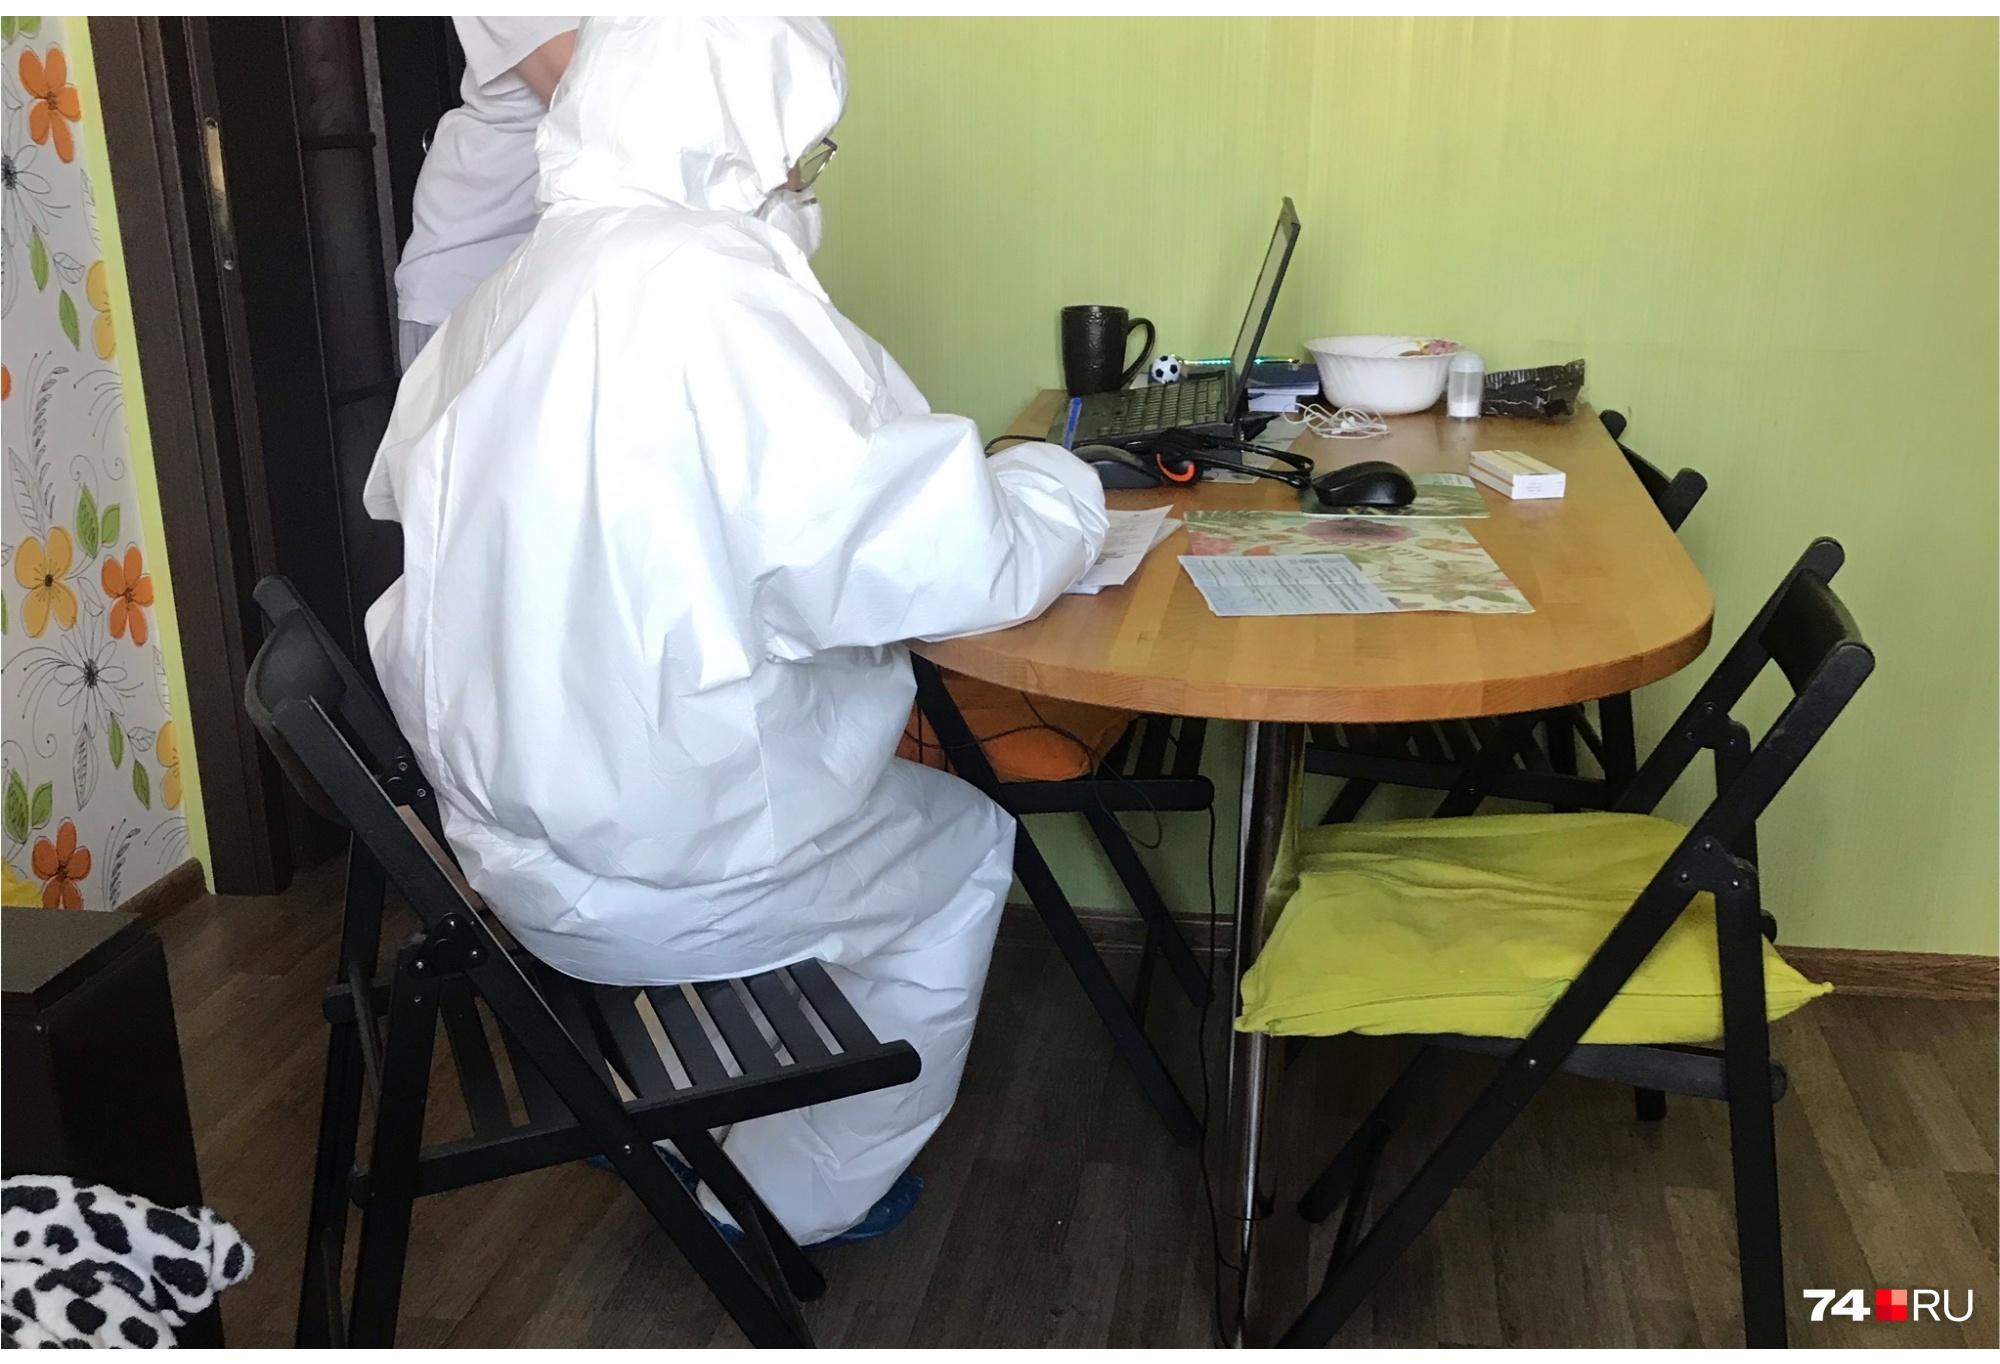 Работы у медиков во время пандемии невпроворот